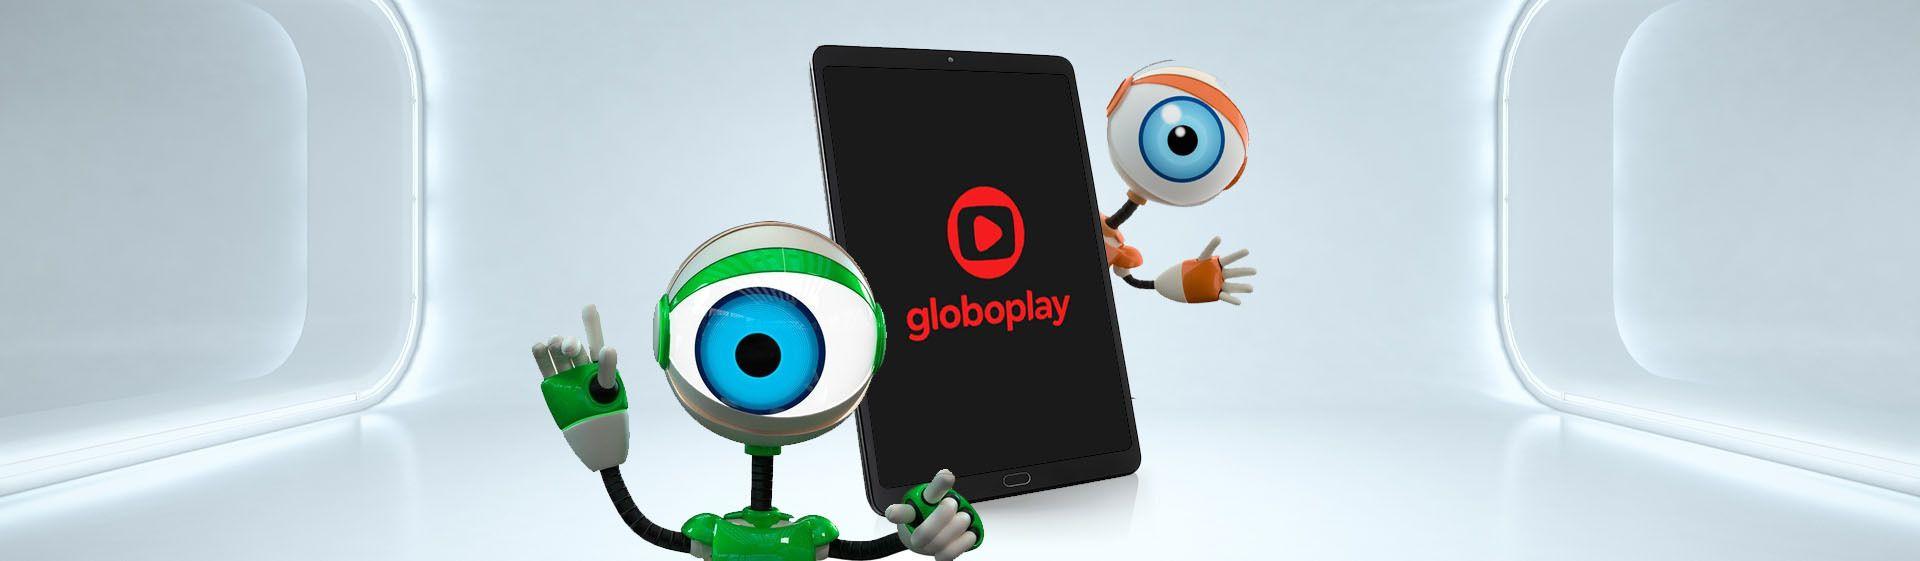 Como assistir BBB ao vivo no Globoplay?